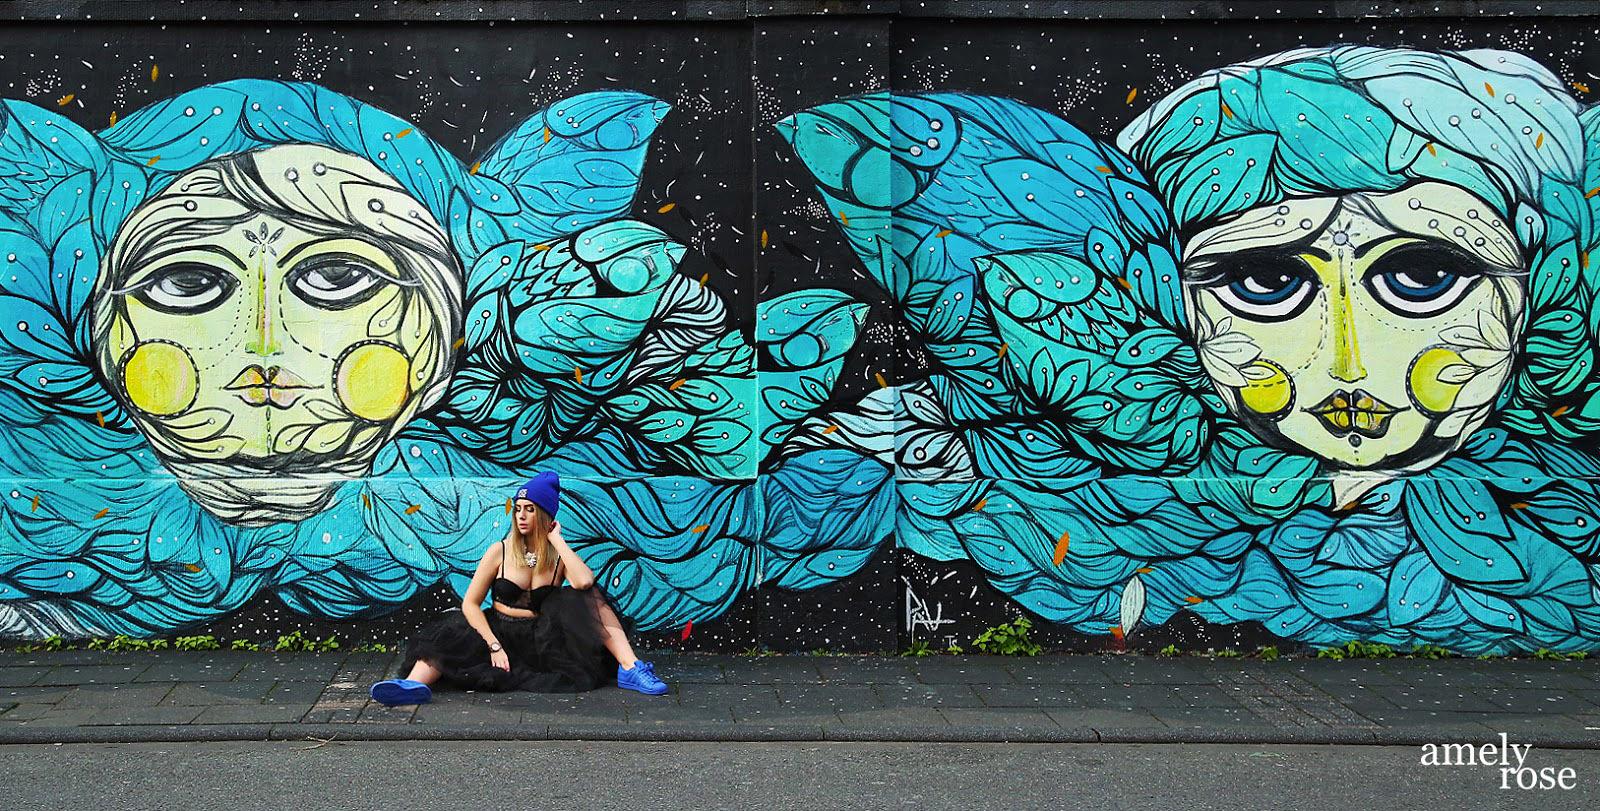 amely rose vor einem tollen blauen graffiti in köln ehrenfeld.wer streetart mag und fashion wird diesen post lieben. all black everything und eine tolle fake fur jacke. ein coat mit blauen franzeln.